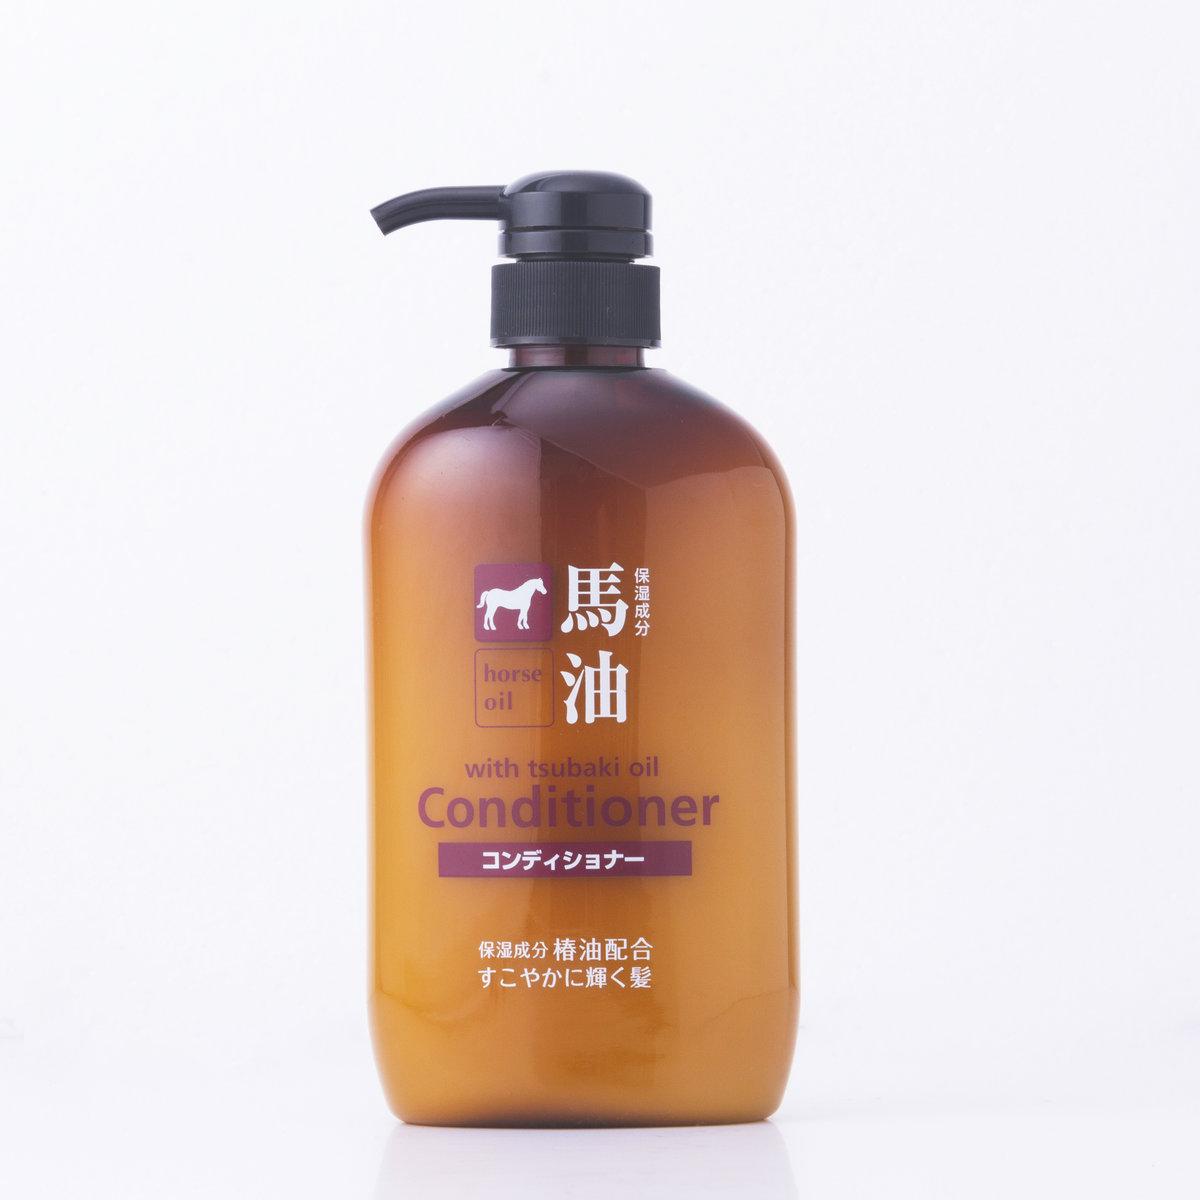 馬油保濕潤髮乳600ml(椿油)